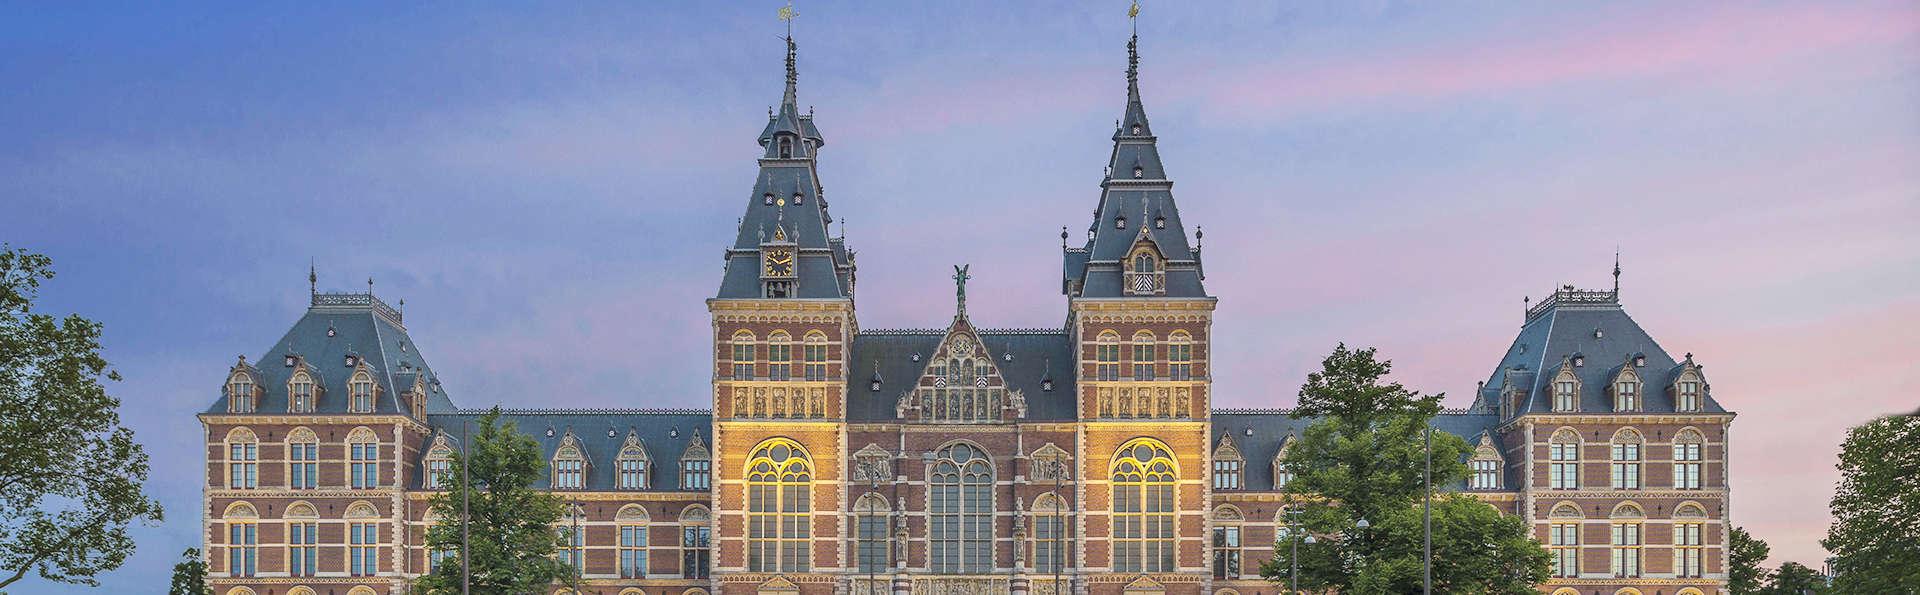 Découverte des villes d'Amsterdam et de Zaandam, croisière sur le canal et visite du Rijksmuseum